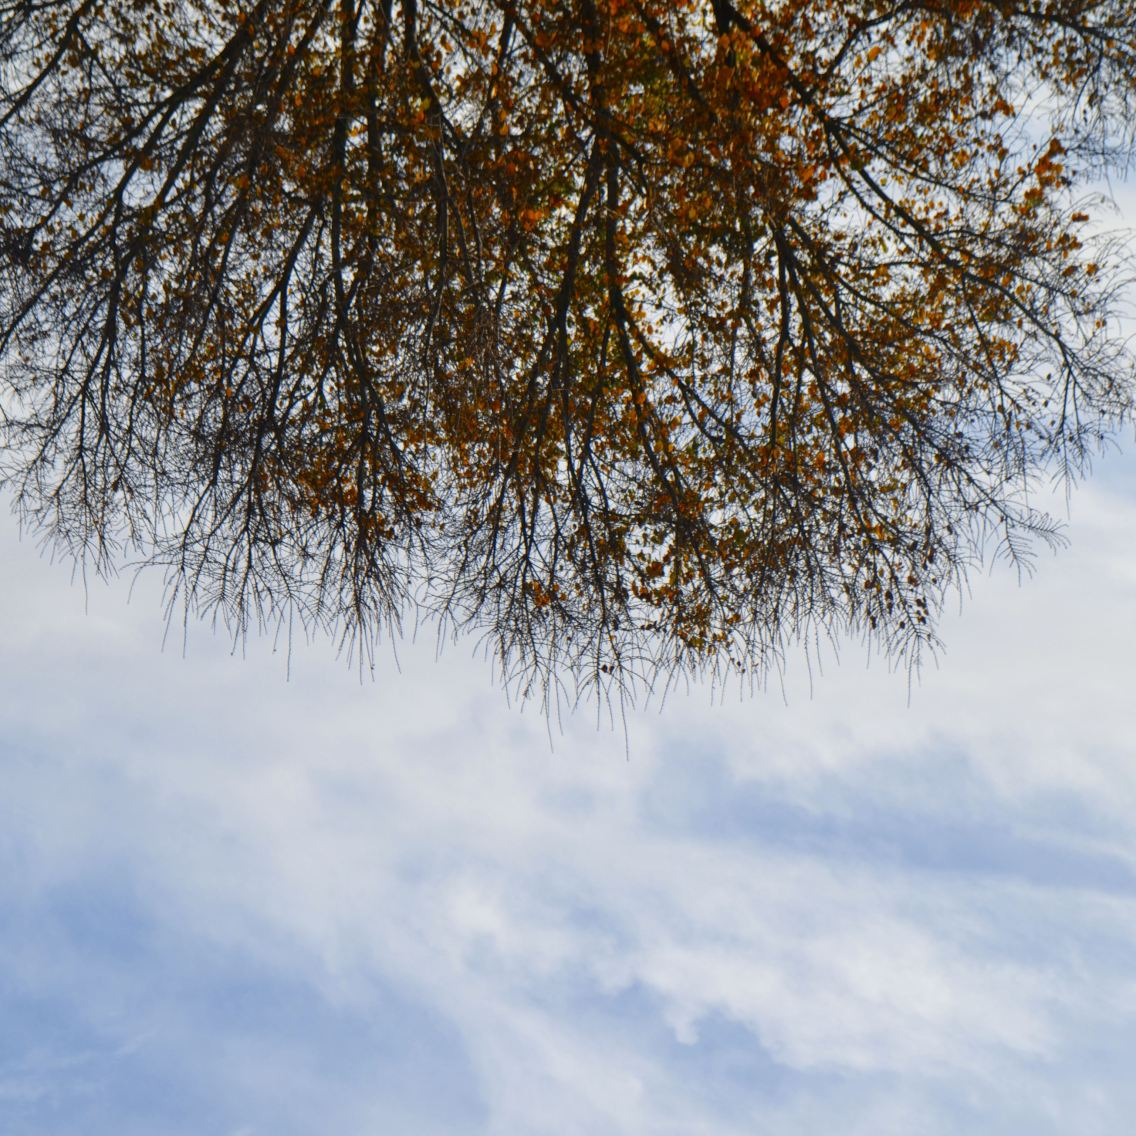 Árvoreu, lá vou eu, ser árvore.